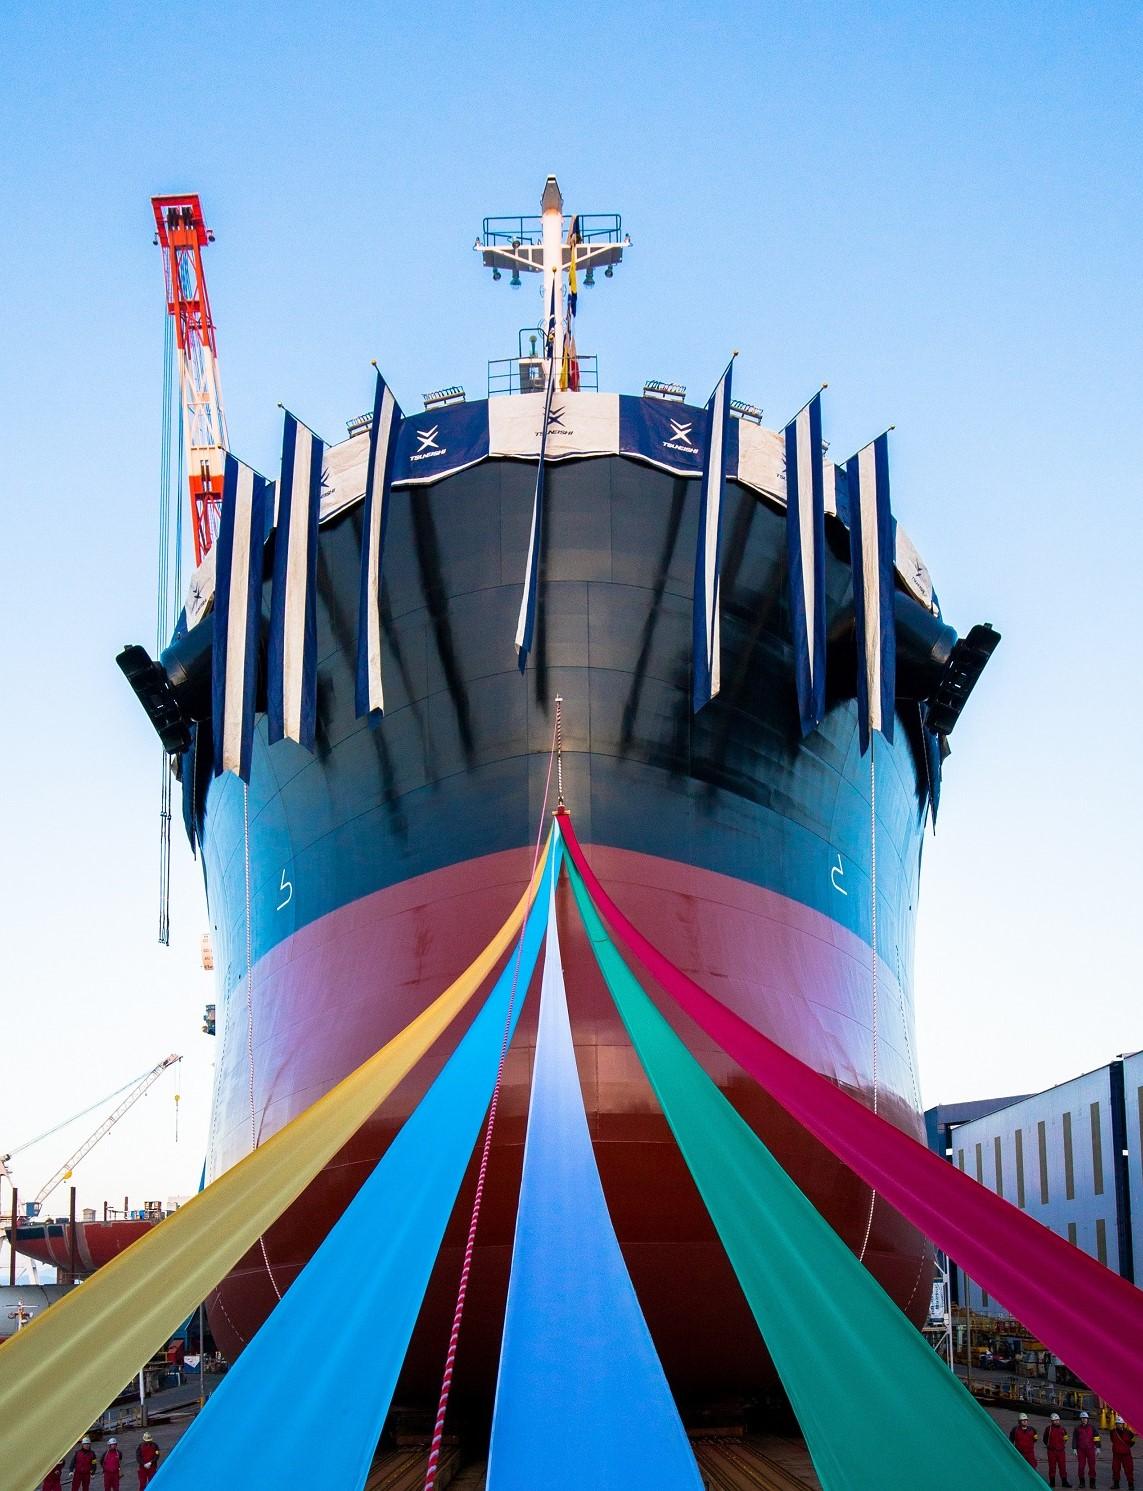 2017年9月11日、8万トン級バルカーの進水式をライブ中継〜常石造船 広島県福山市 常石工場 第一船台